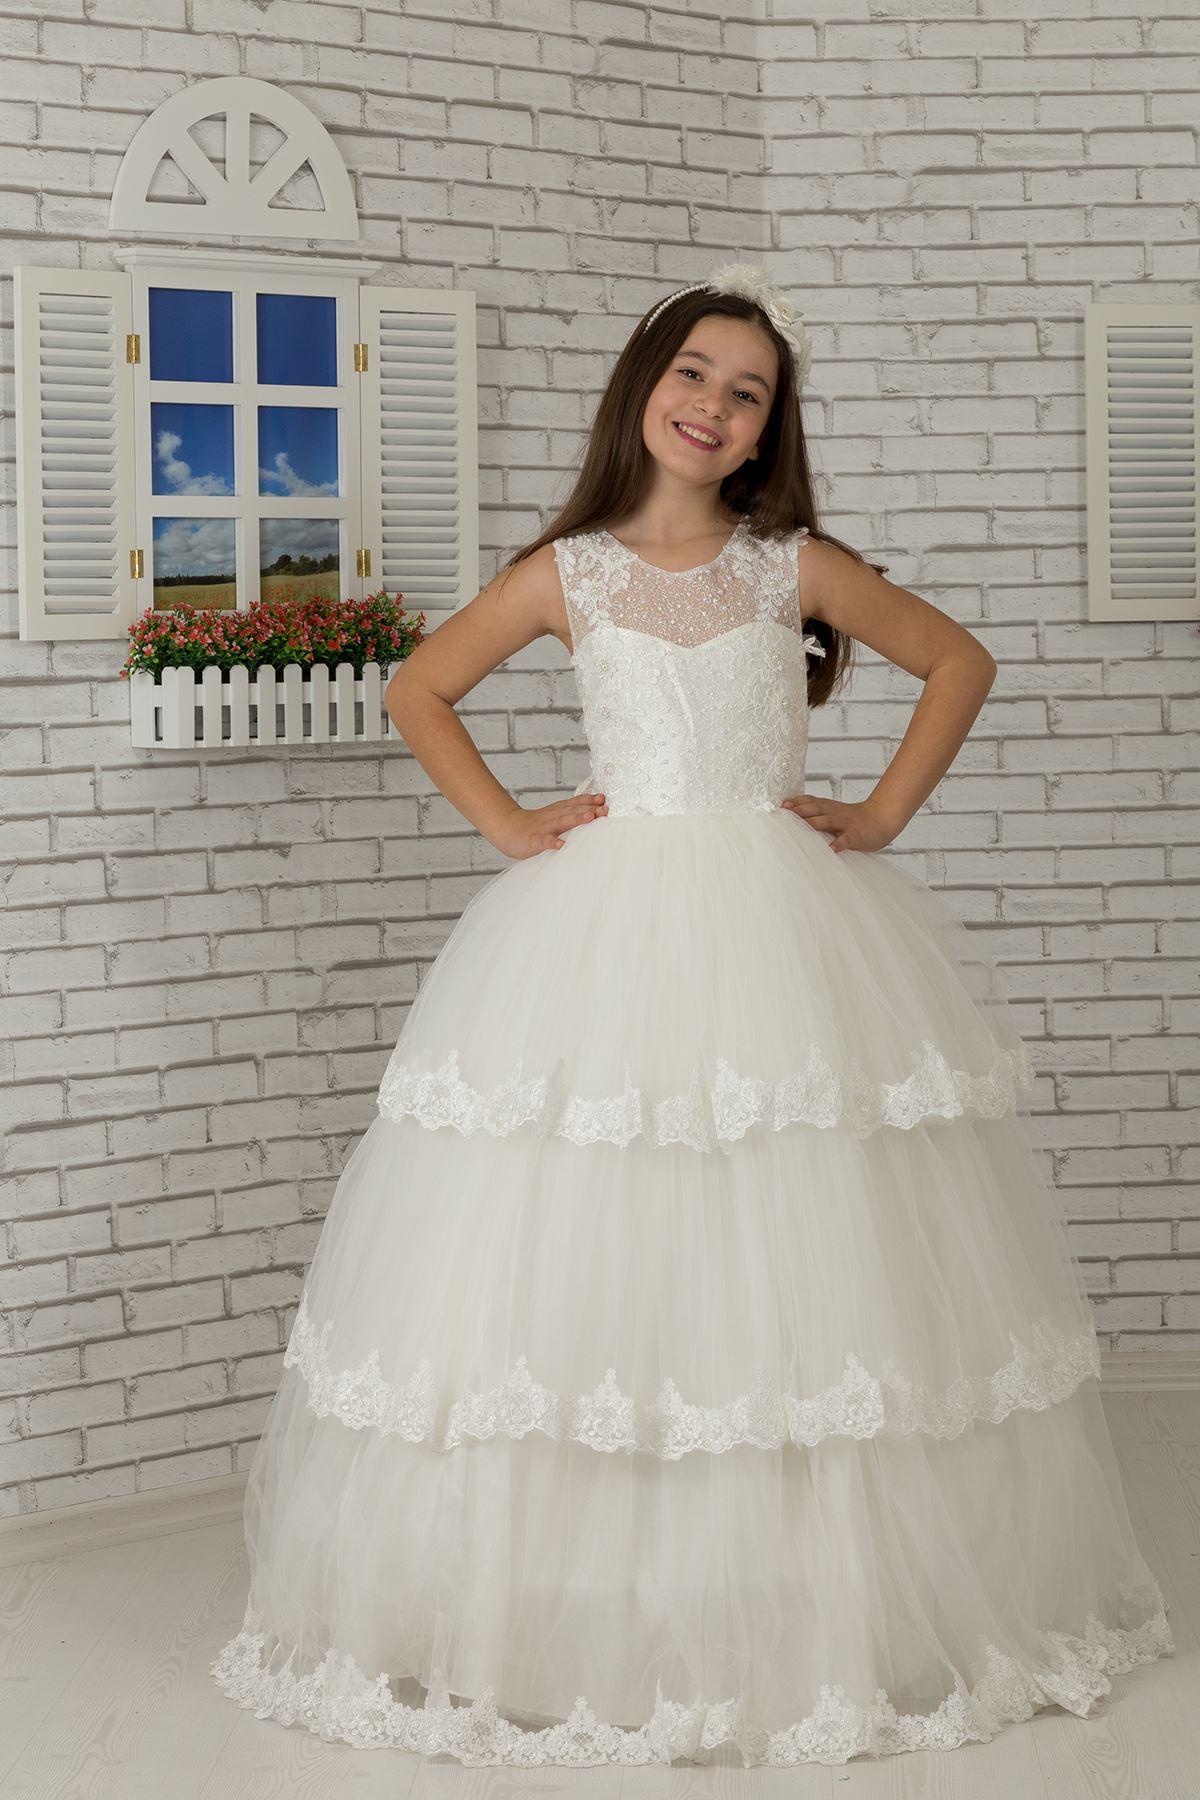 Дантела бродирано тяло, многослойна пола апликация, тюл пухкава вечерна рокля момиче 608 крем